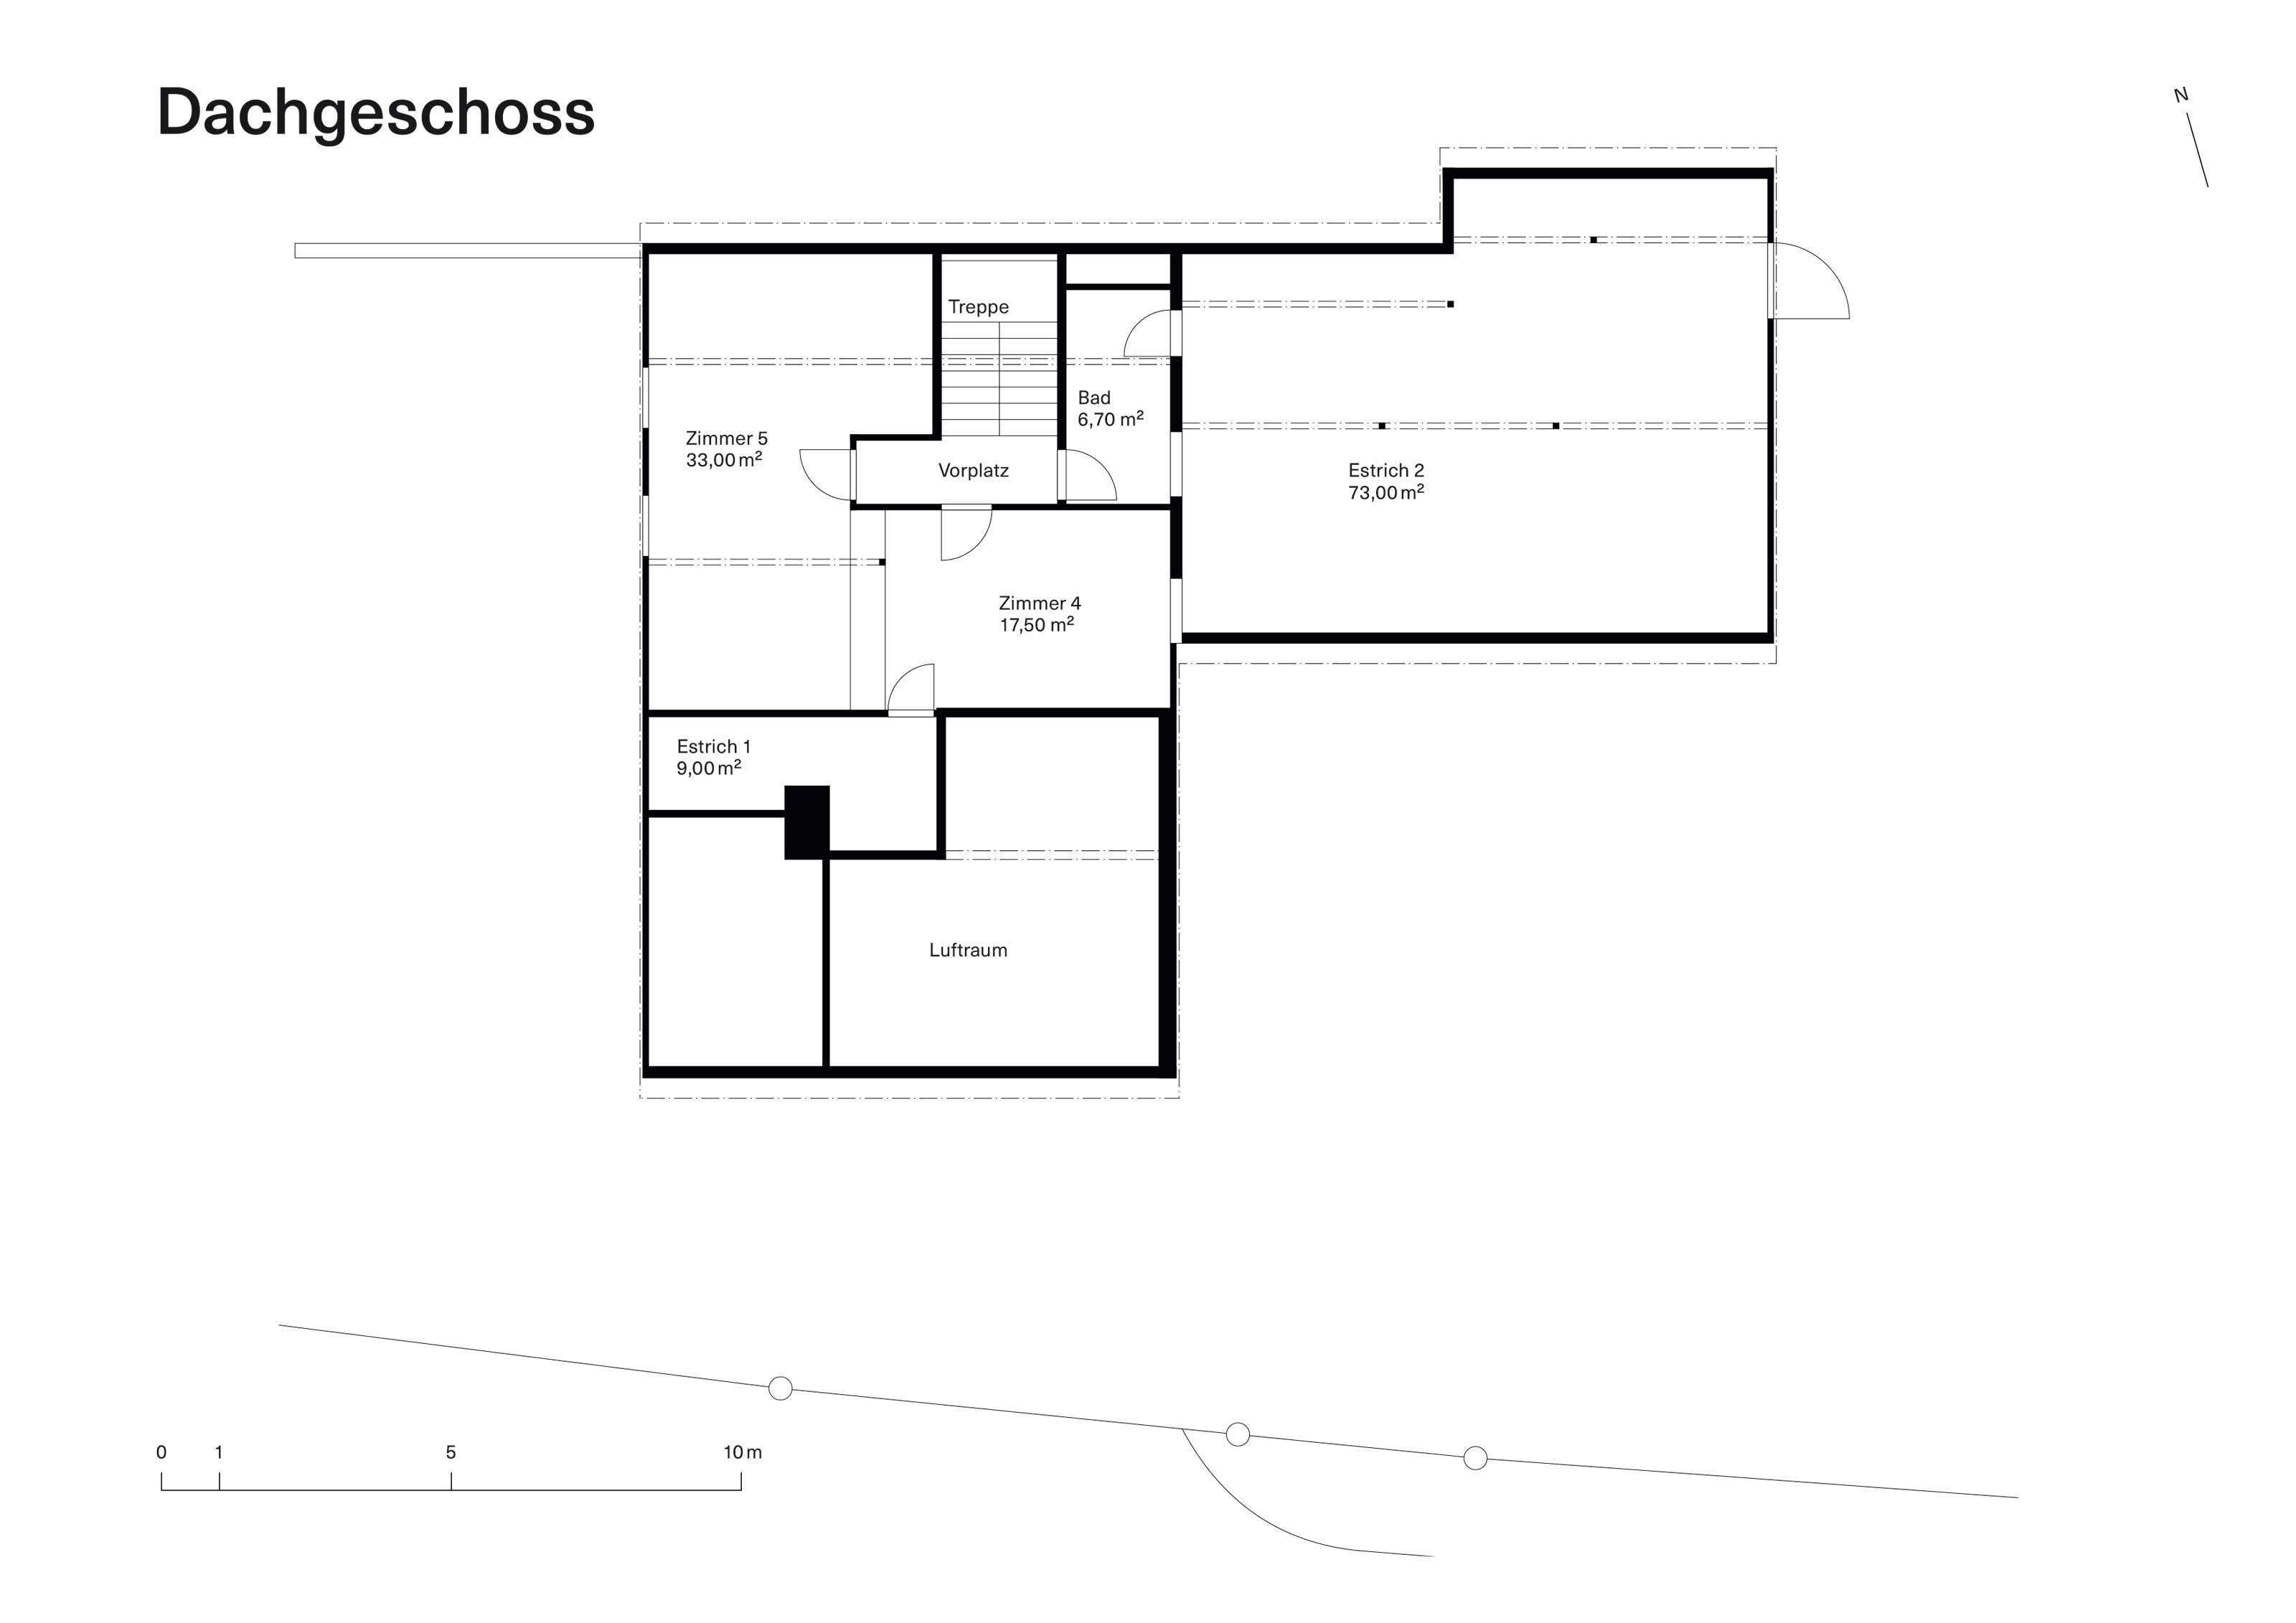 Vorstudie Bestand Dachgeschoss